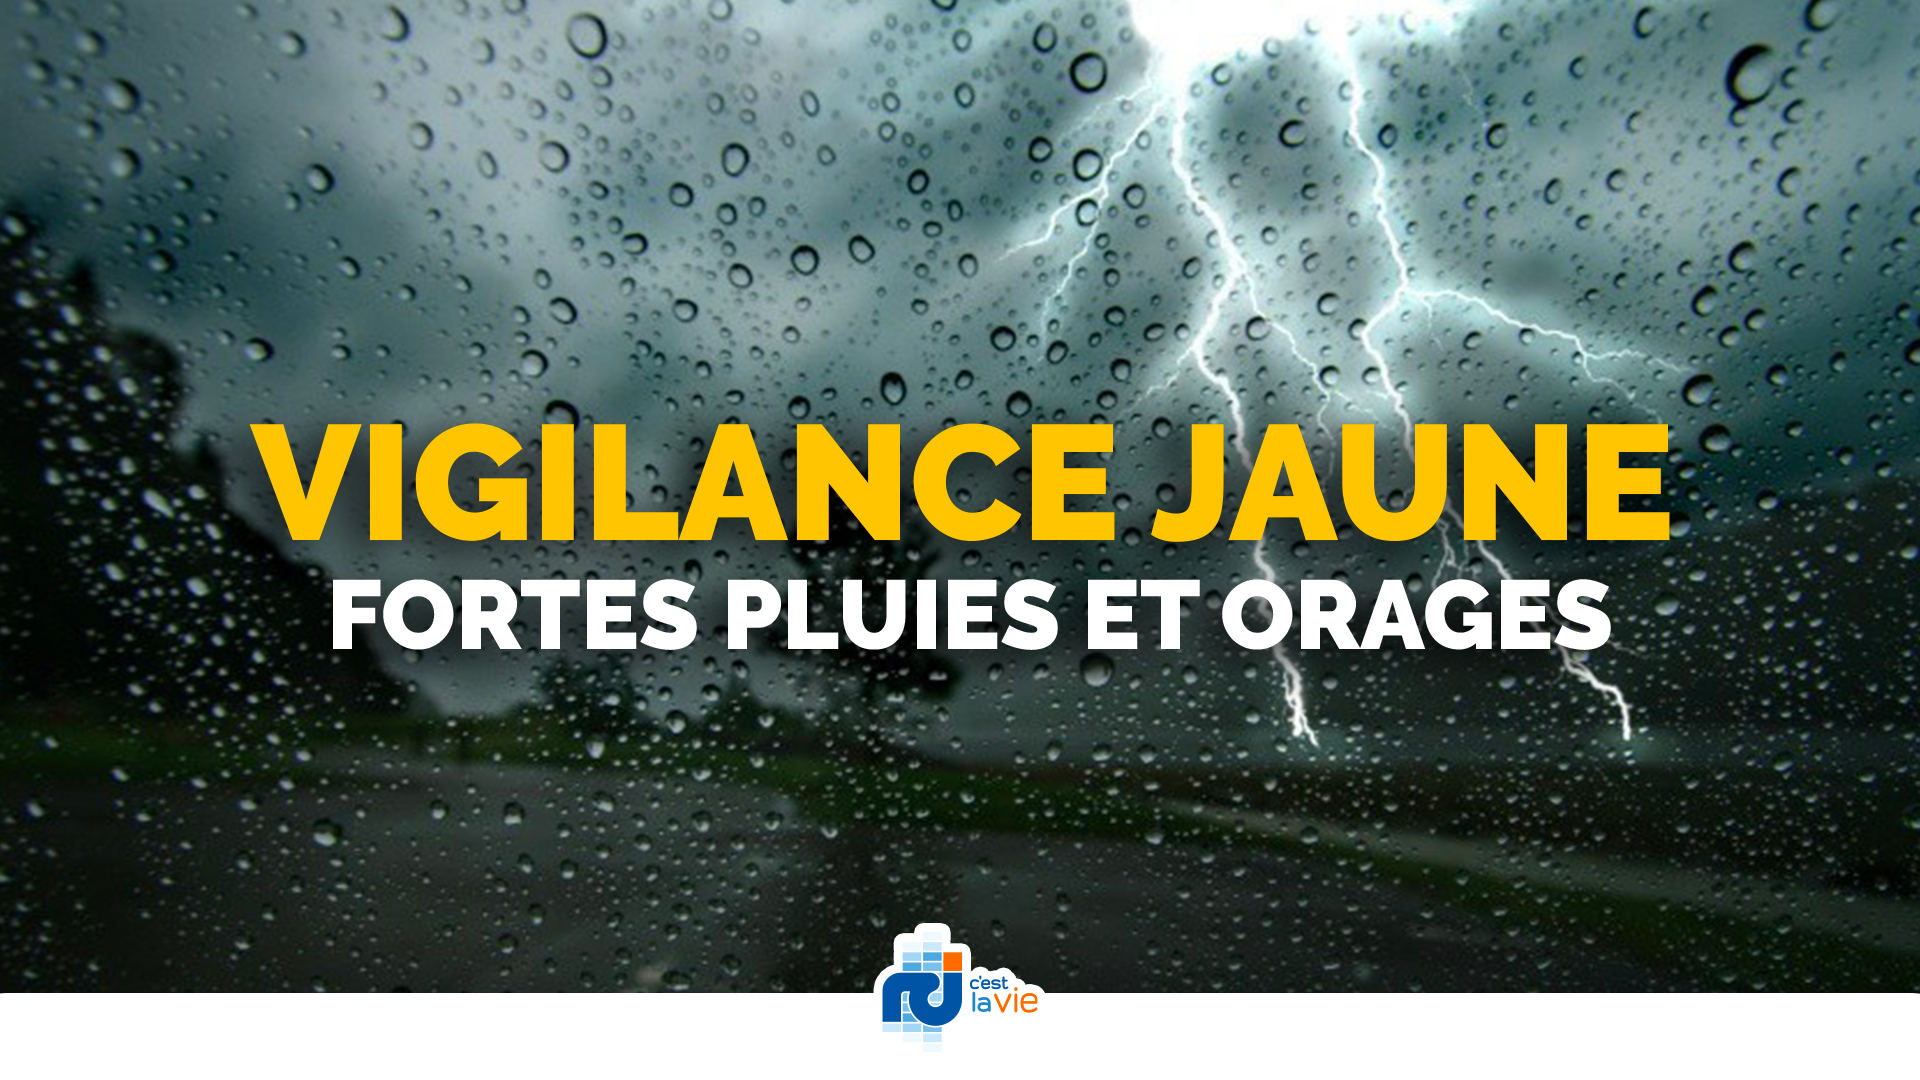 Vigilance jaune : d'intenses précipitations orageuses attendues ce vendredi